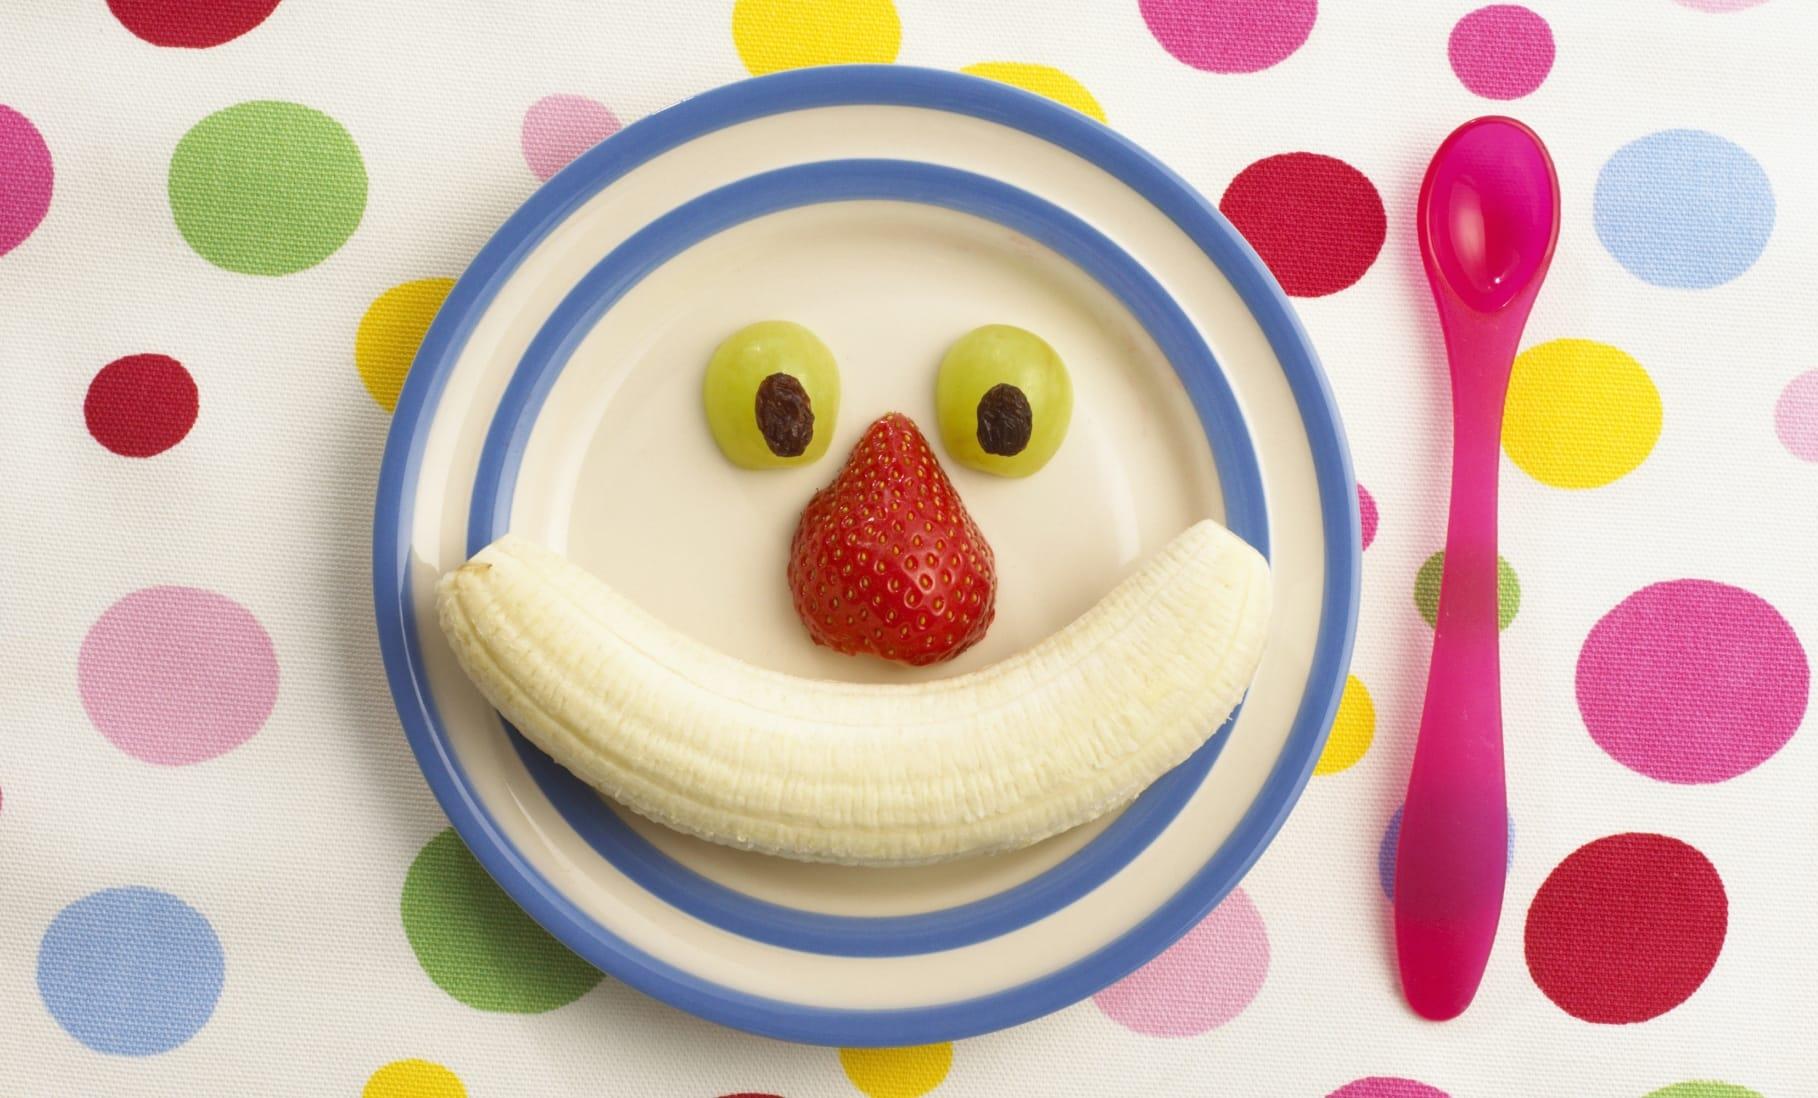 Composizioni Facili Di Frutta idee per far mangiare la frutta ai bambini - non sprecare